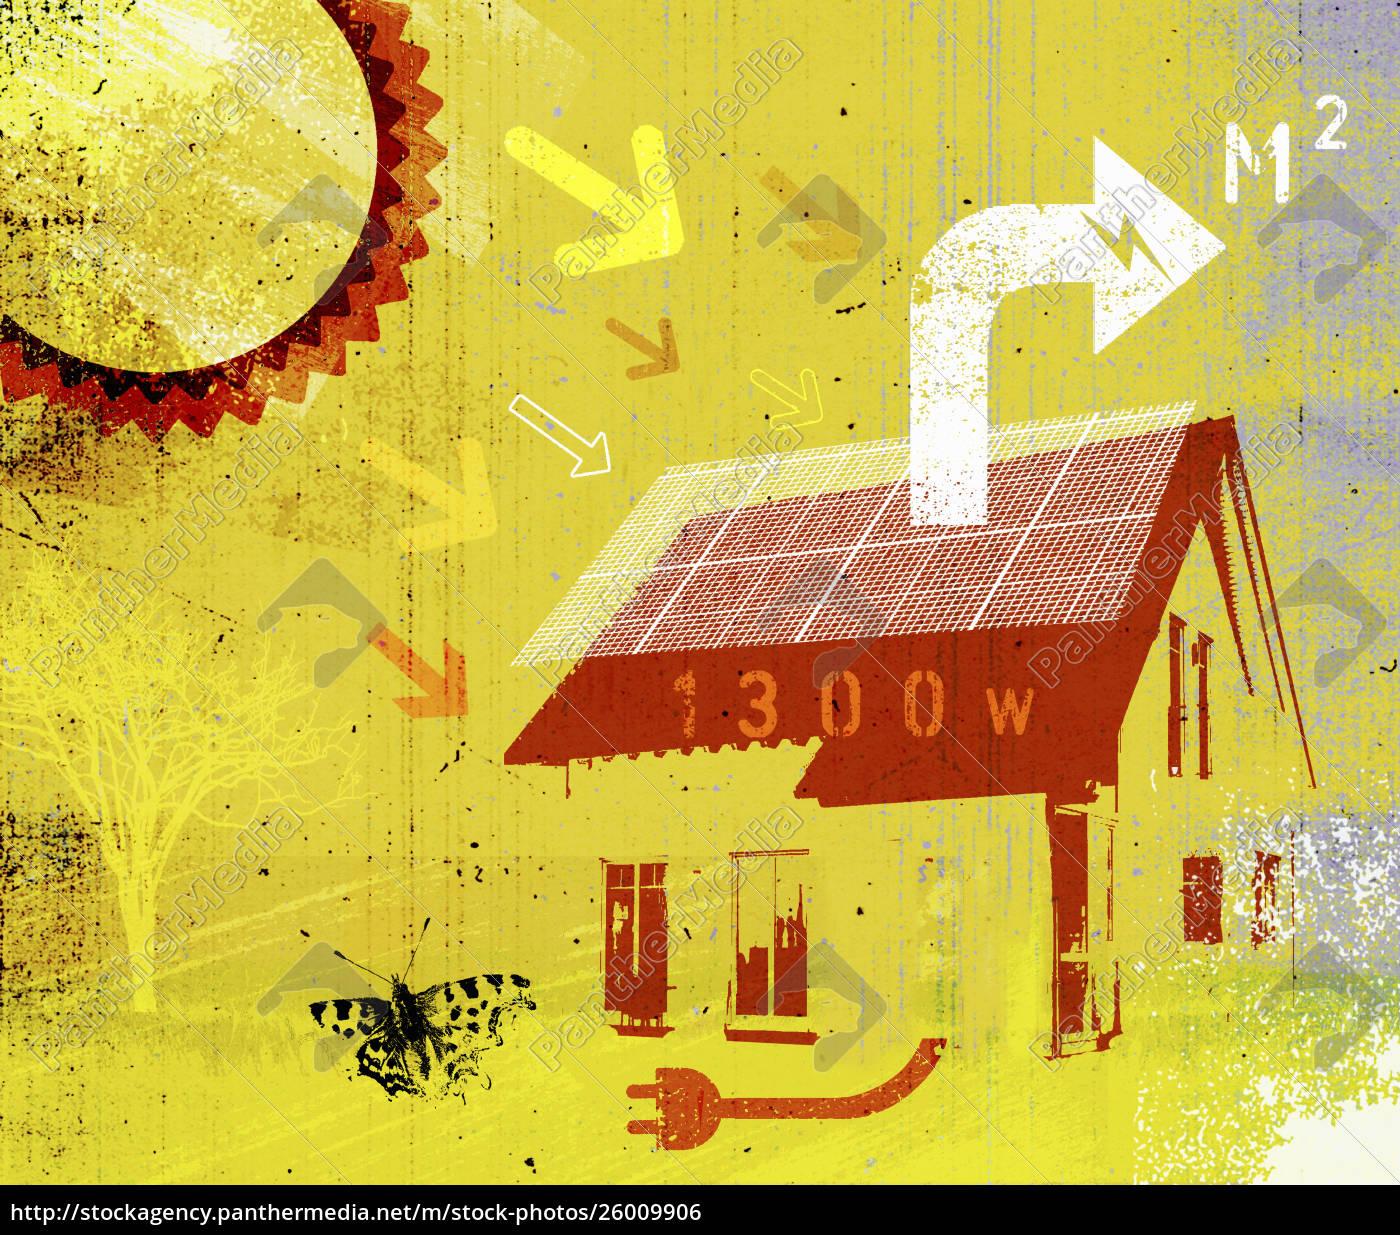 sun's, rays, on, solar, panels, of - 26009906